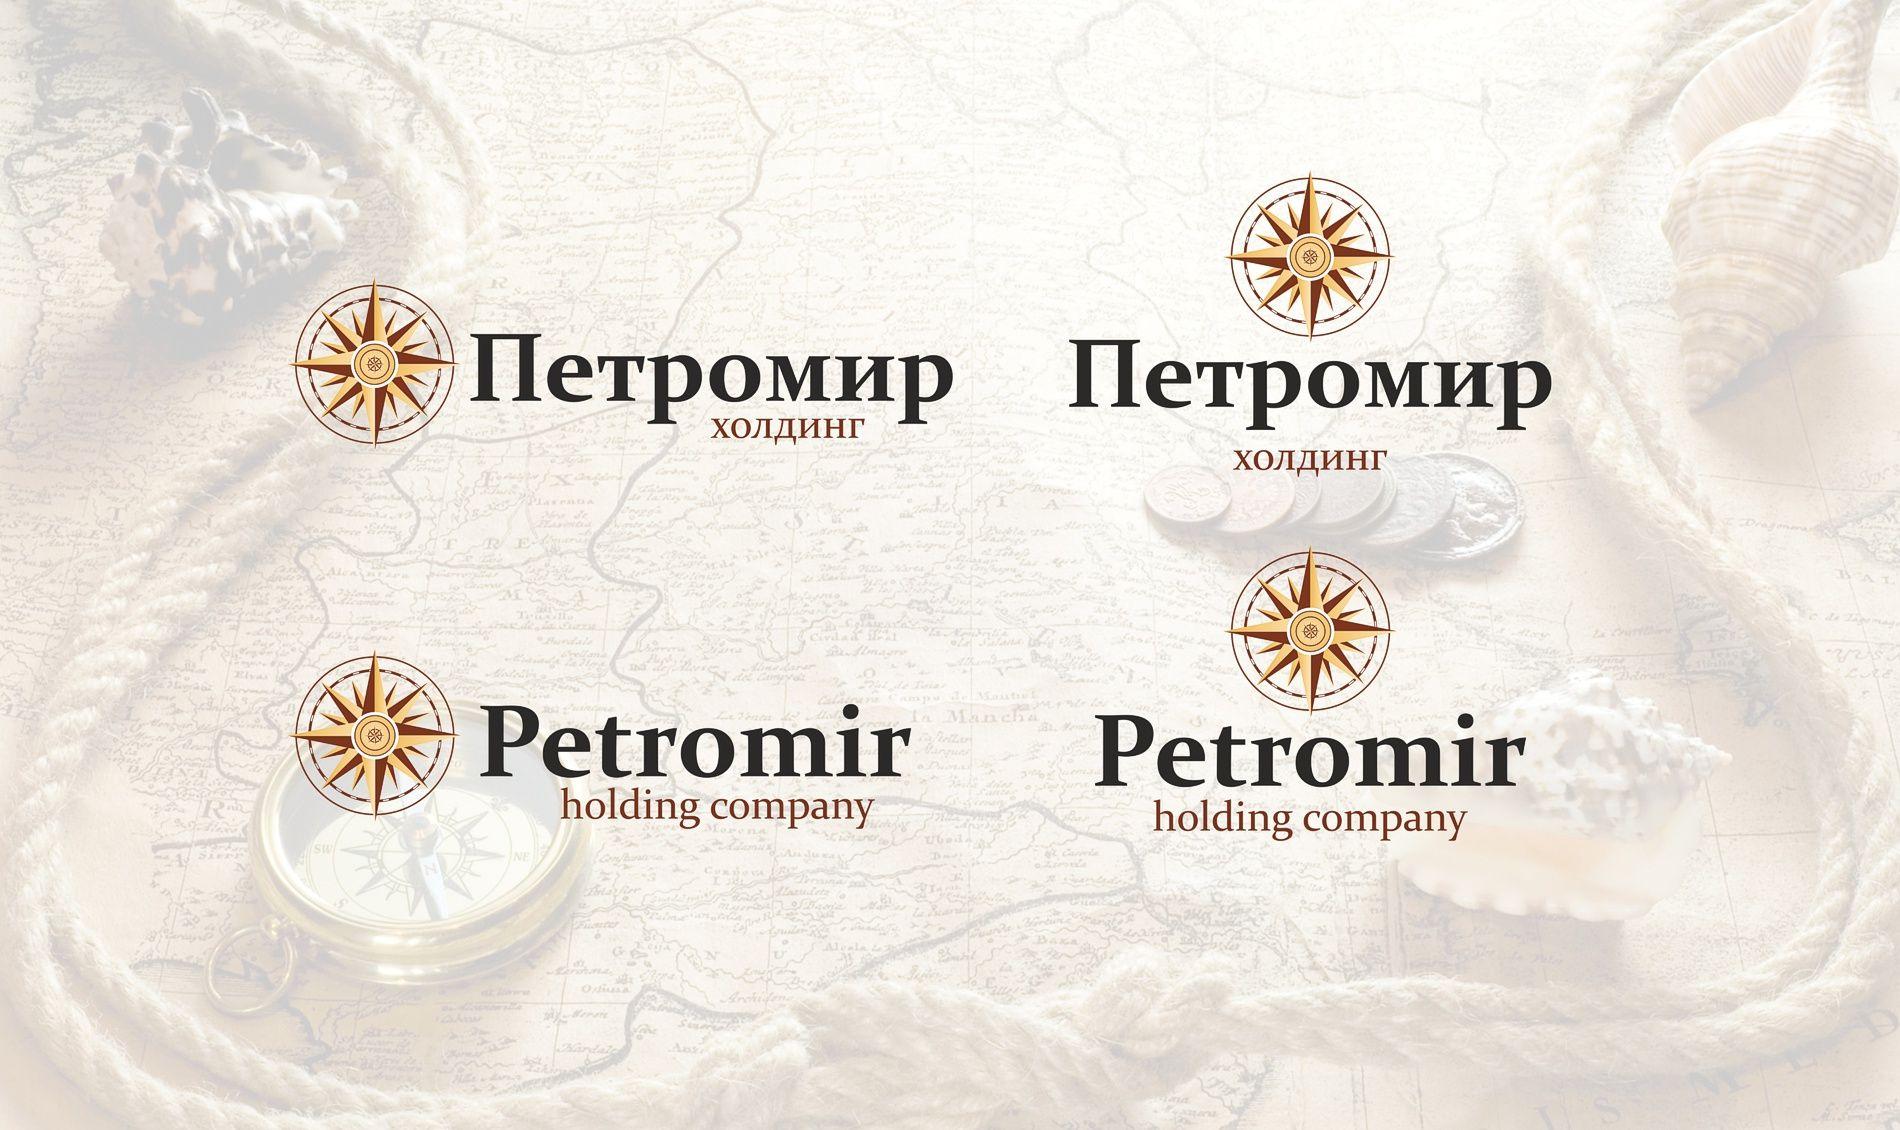 Доработать готовые лого и сделать фир. стиль - дизайнер Anton_Reut